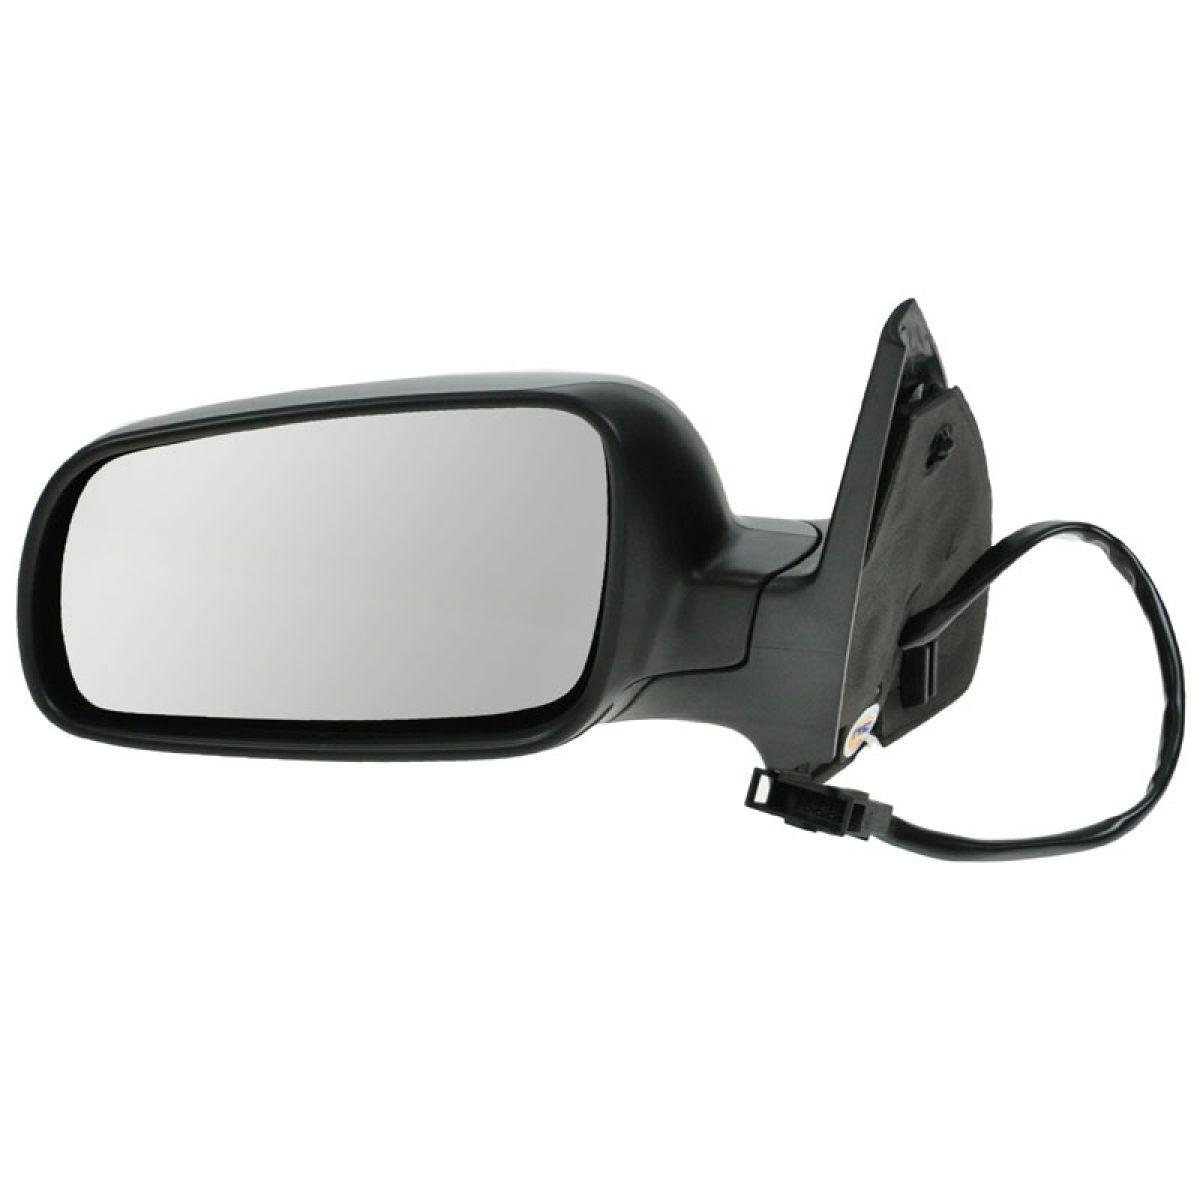 Textured Black For Mazda MPV 00-06 Driver Side Mirror